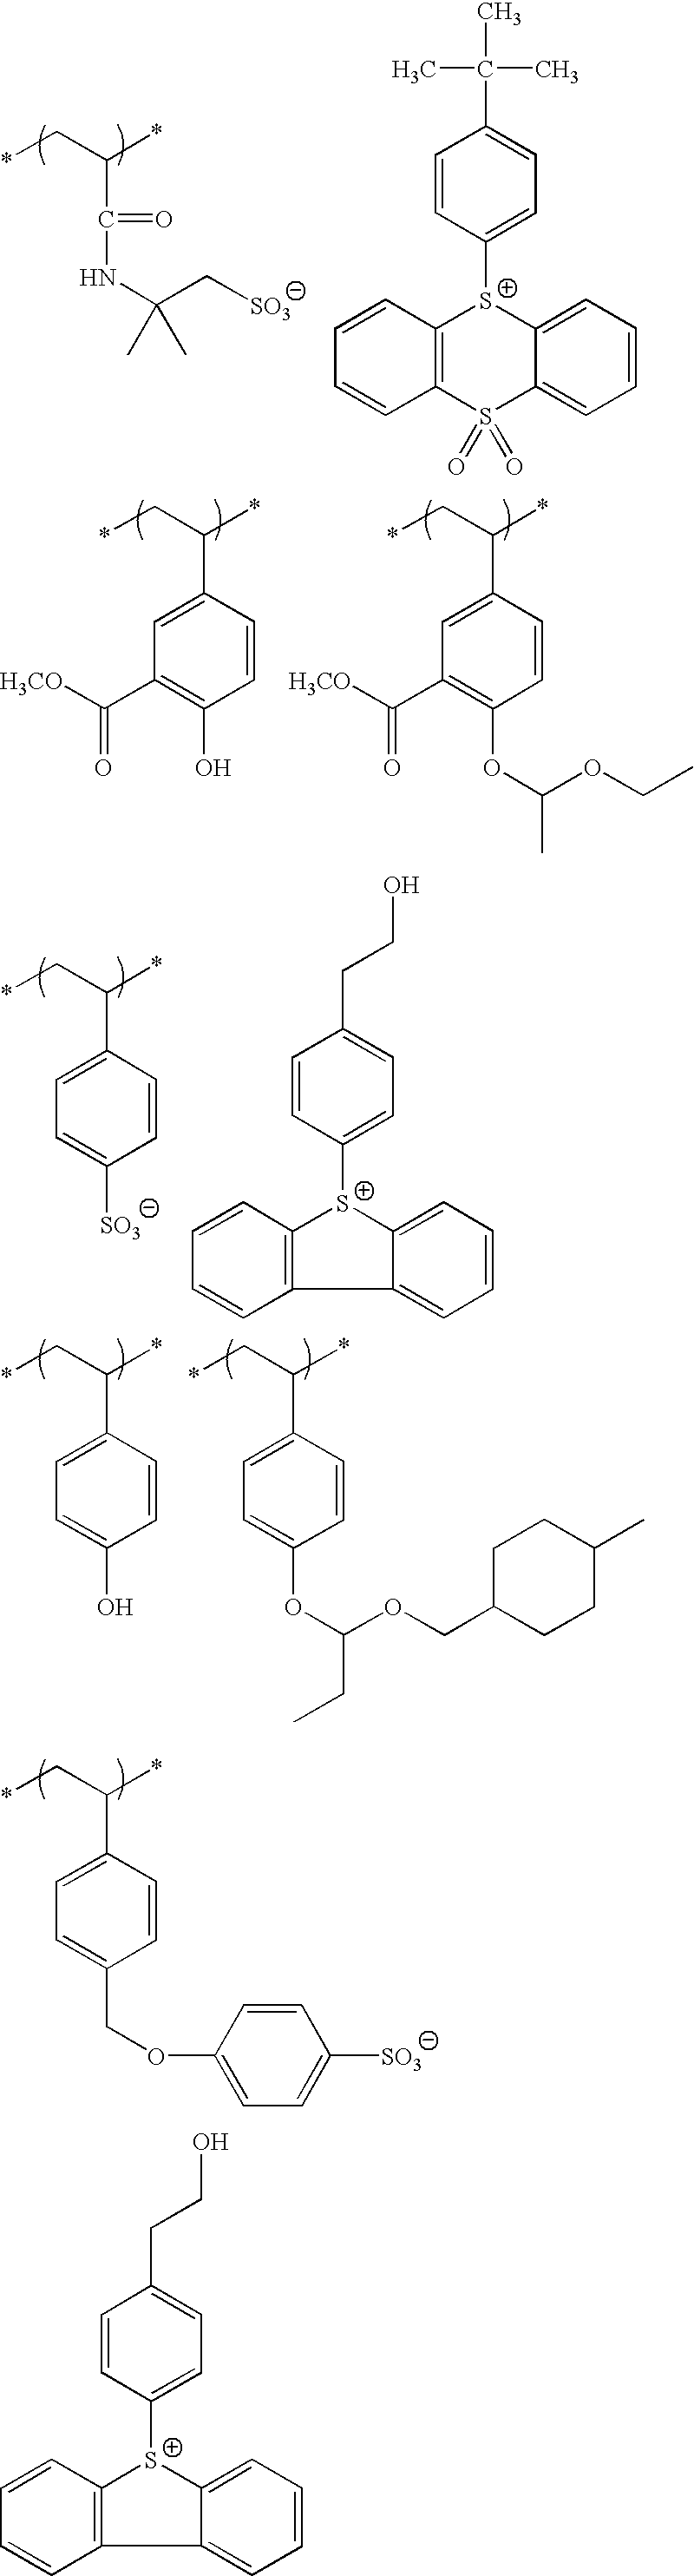 Figure US08852845-20141007-C00158